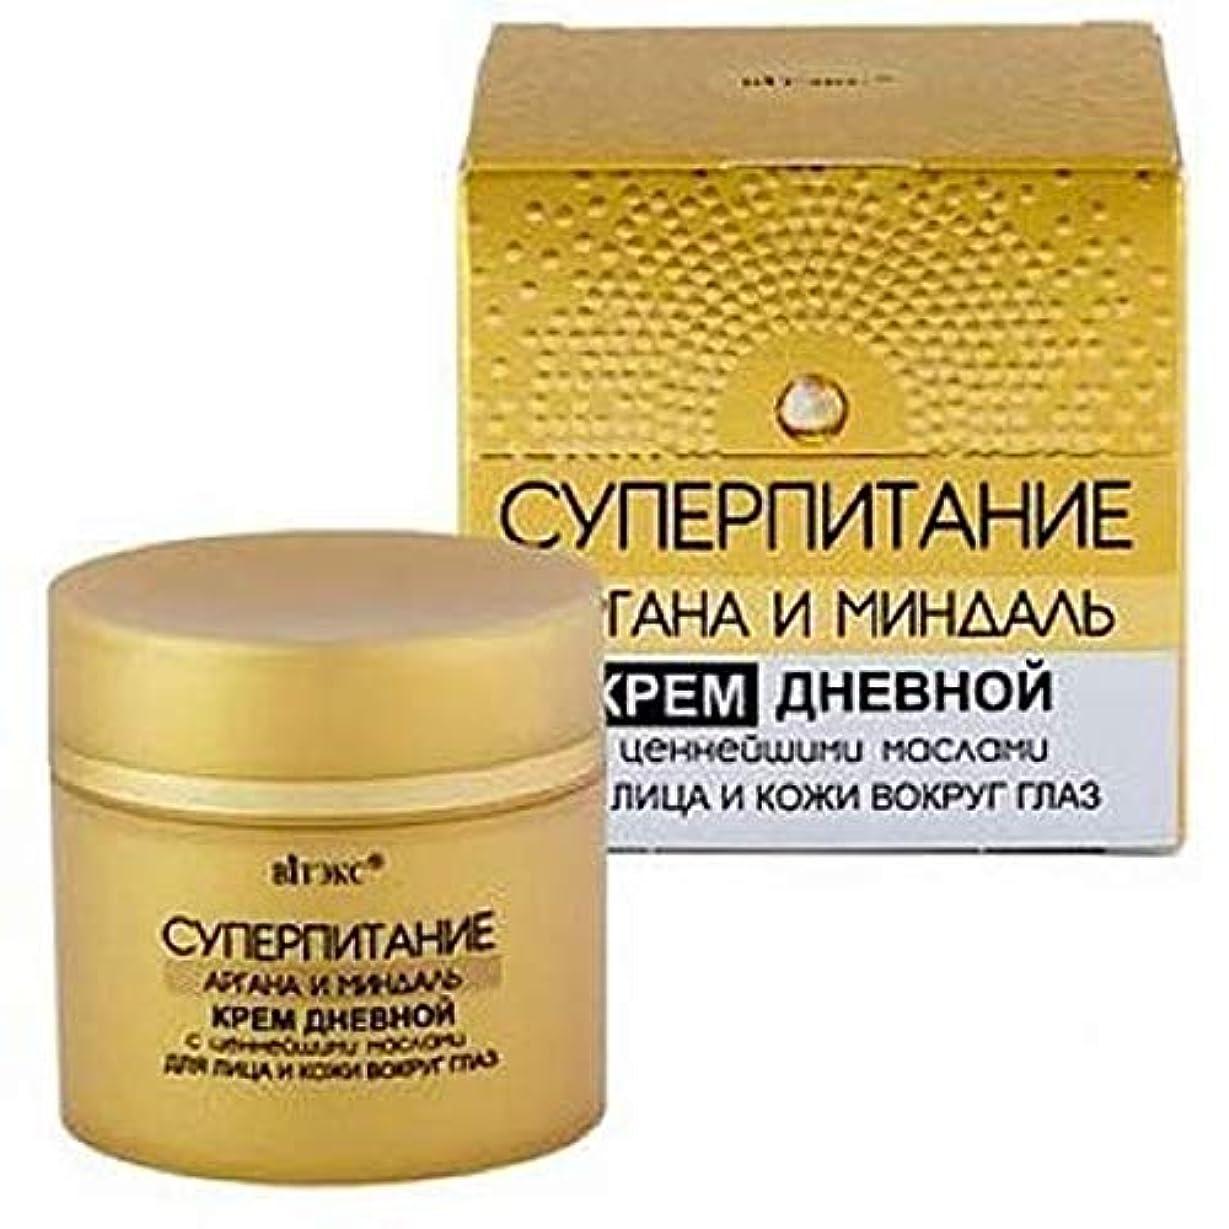 下にに対処するつぼみDay cream with the most valuable oils for the face and skin around the eyes | Argan and Almond | Nutrition | Actively...